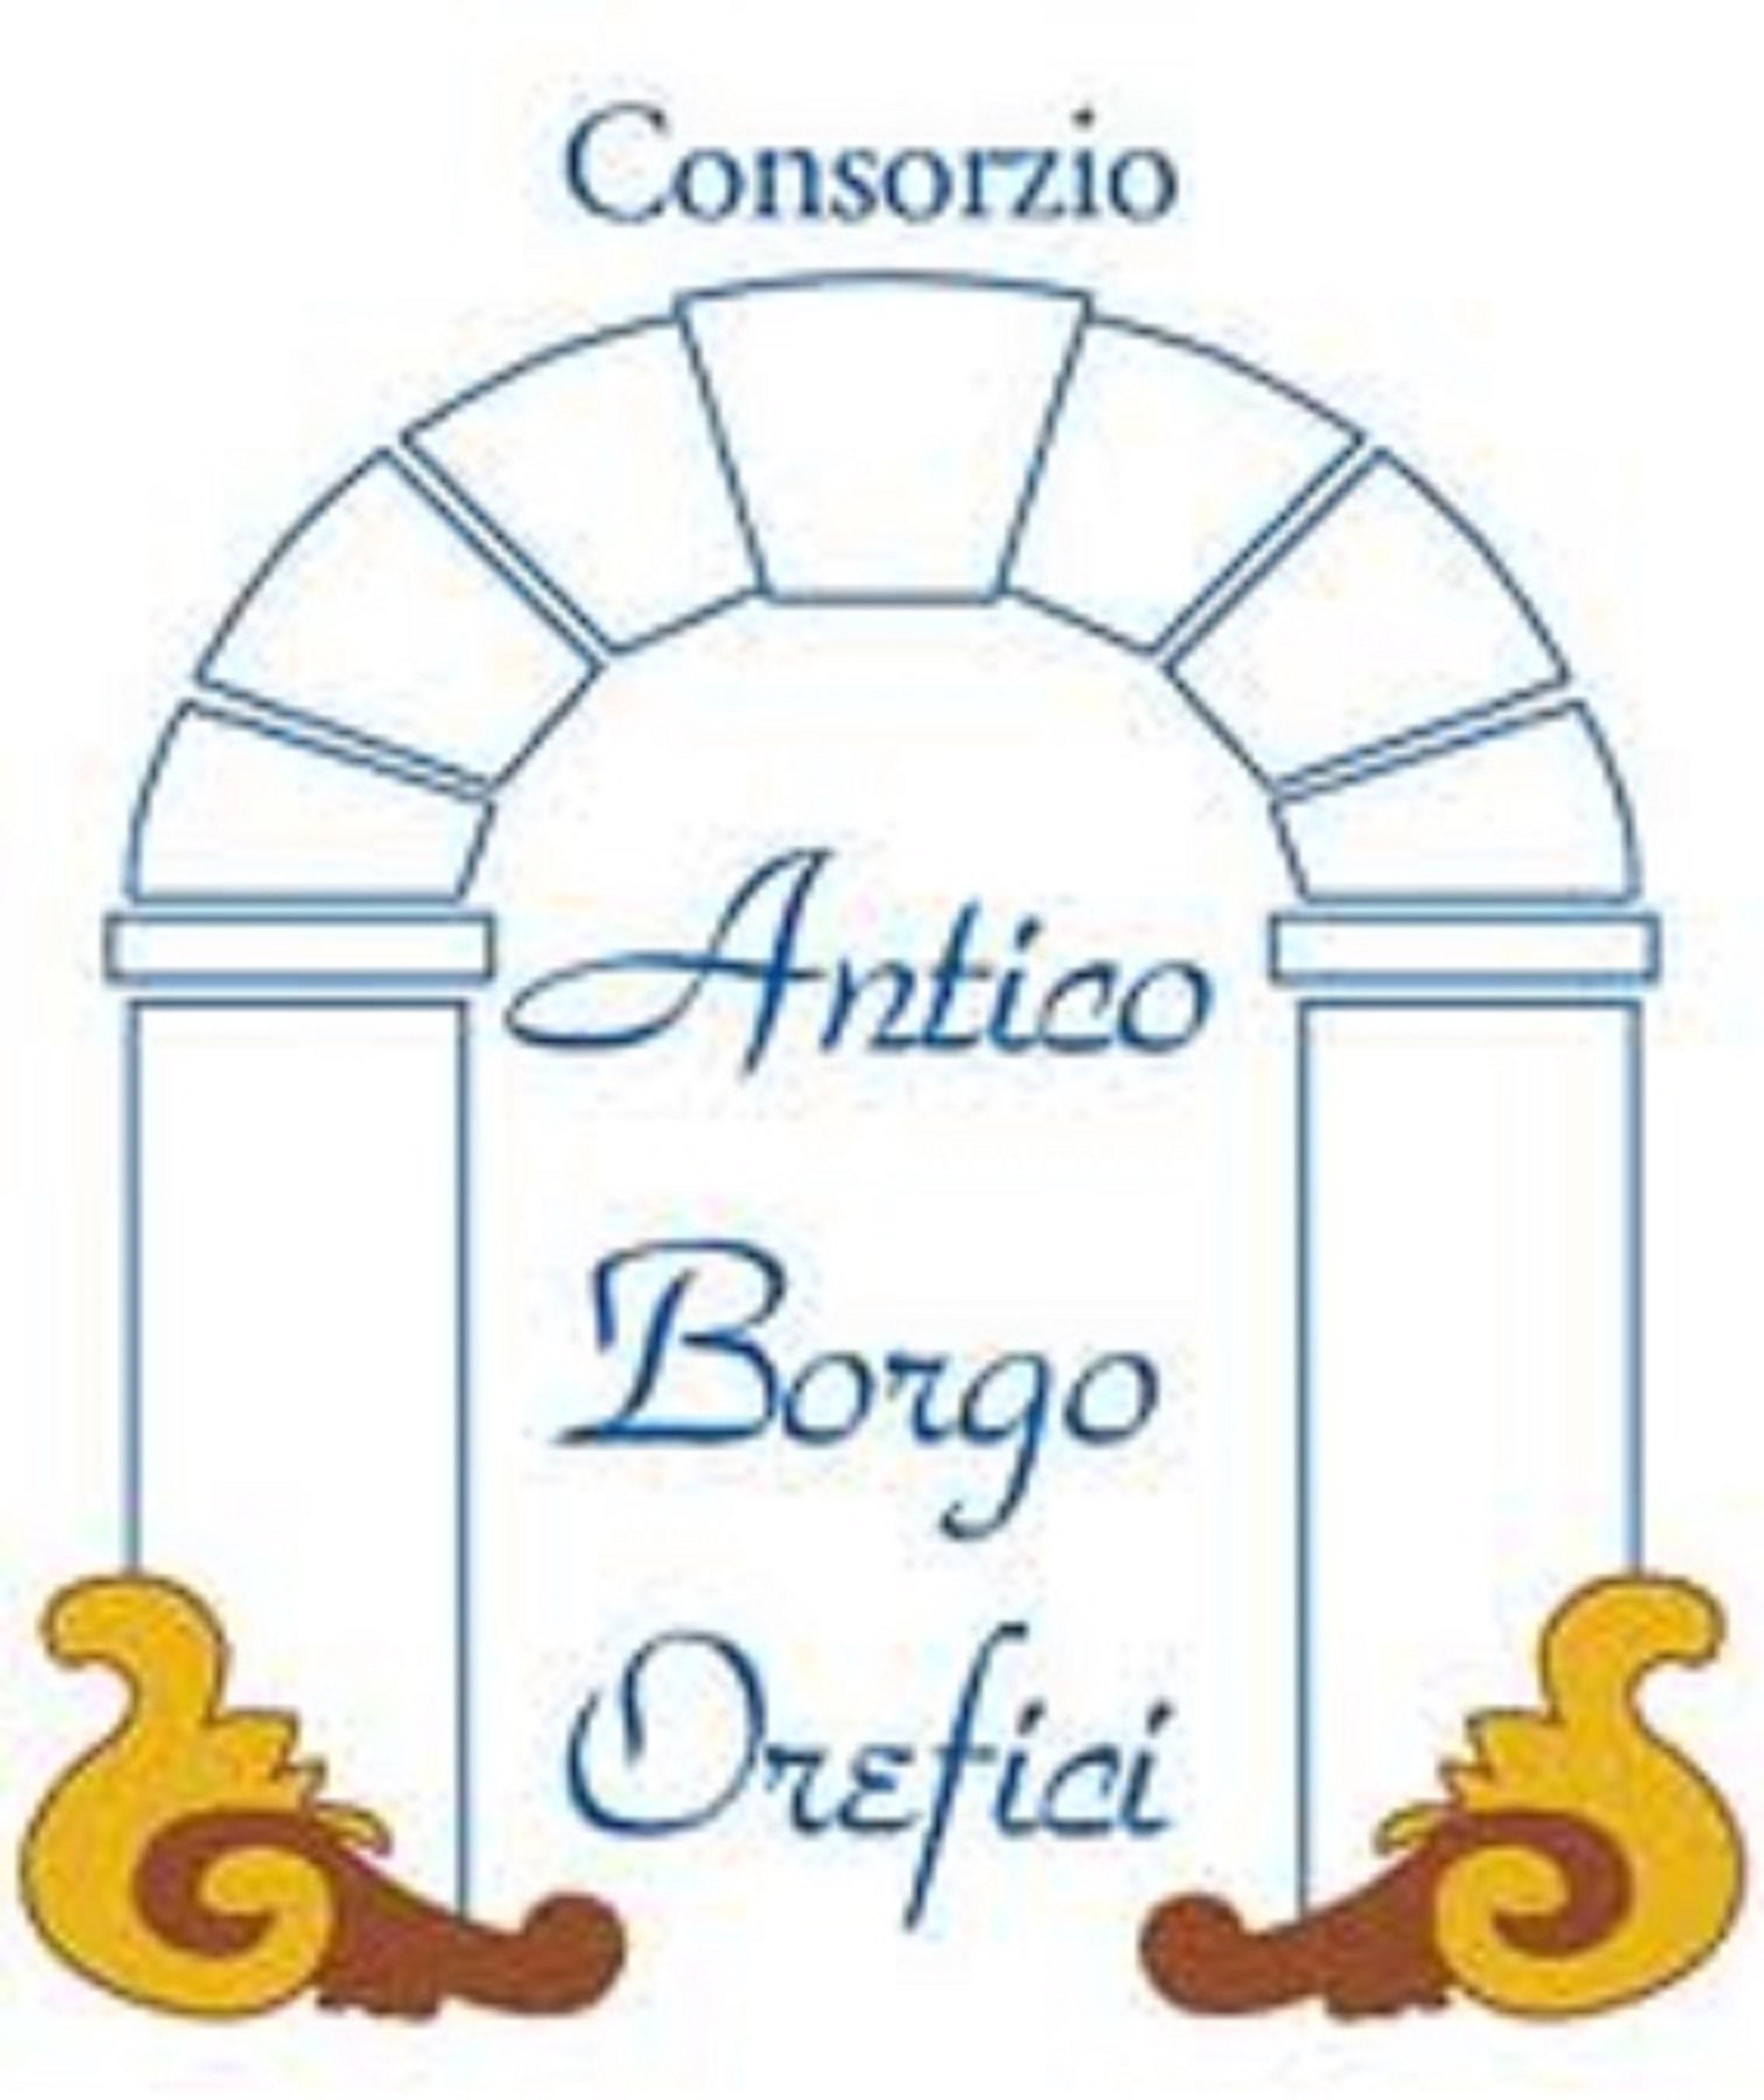 A Napoli Bando per la formazione orafa per 10 giovani residenti